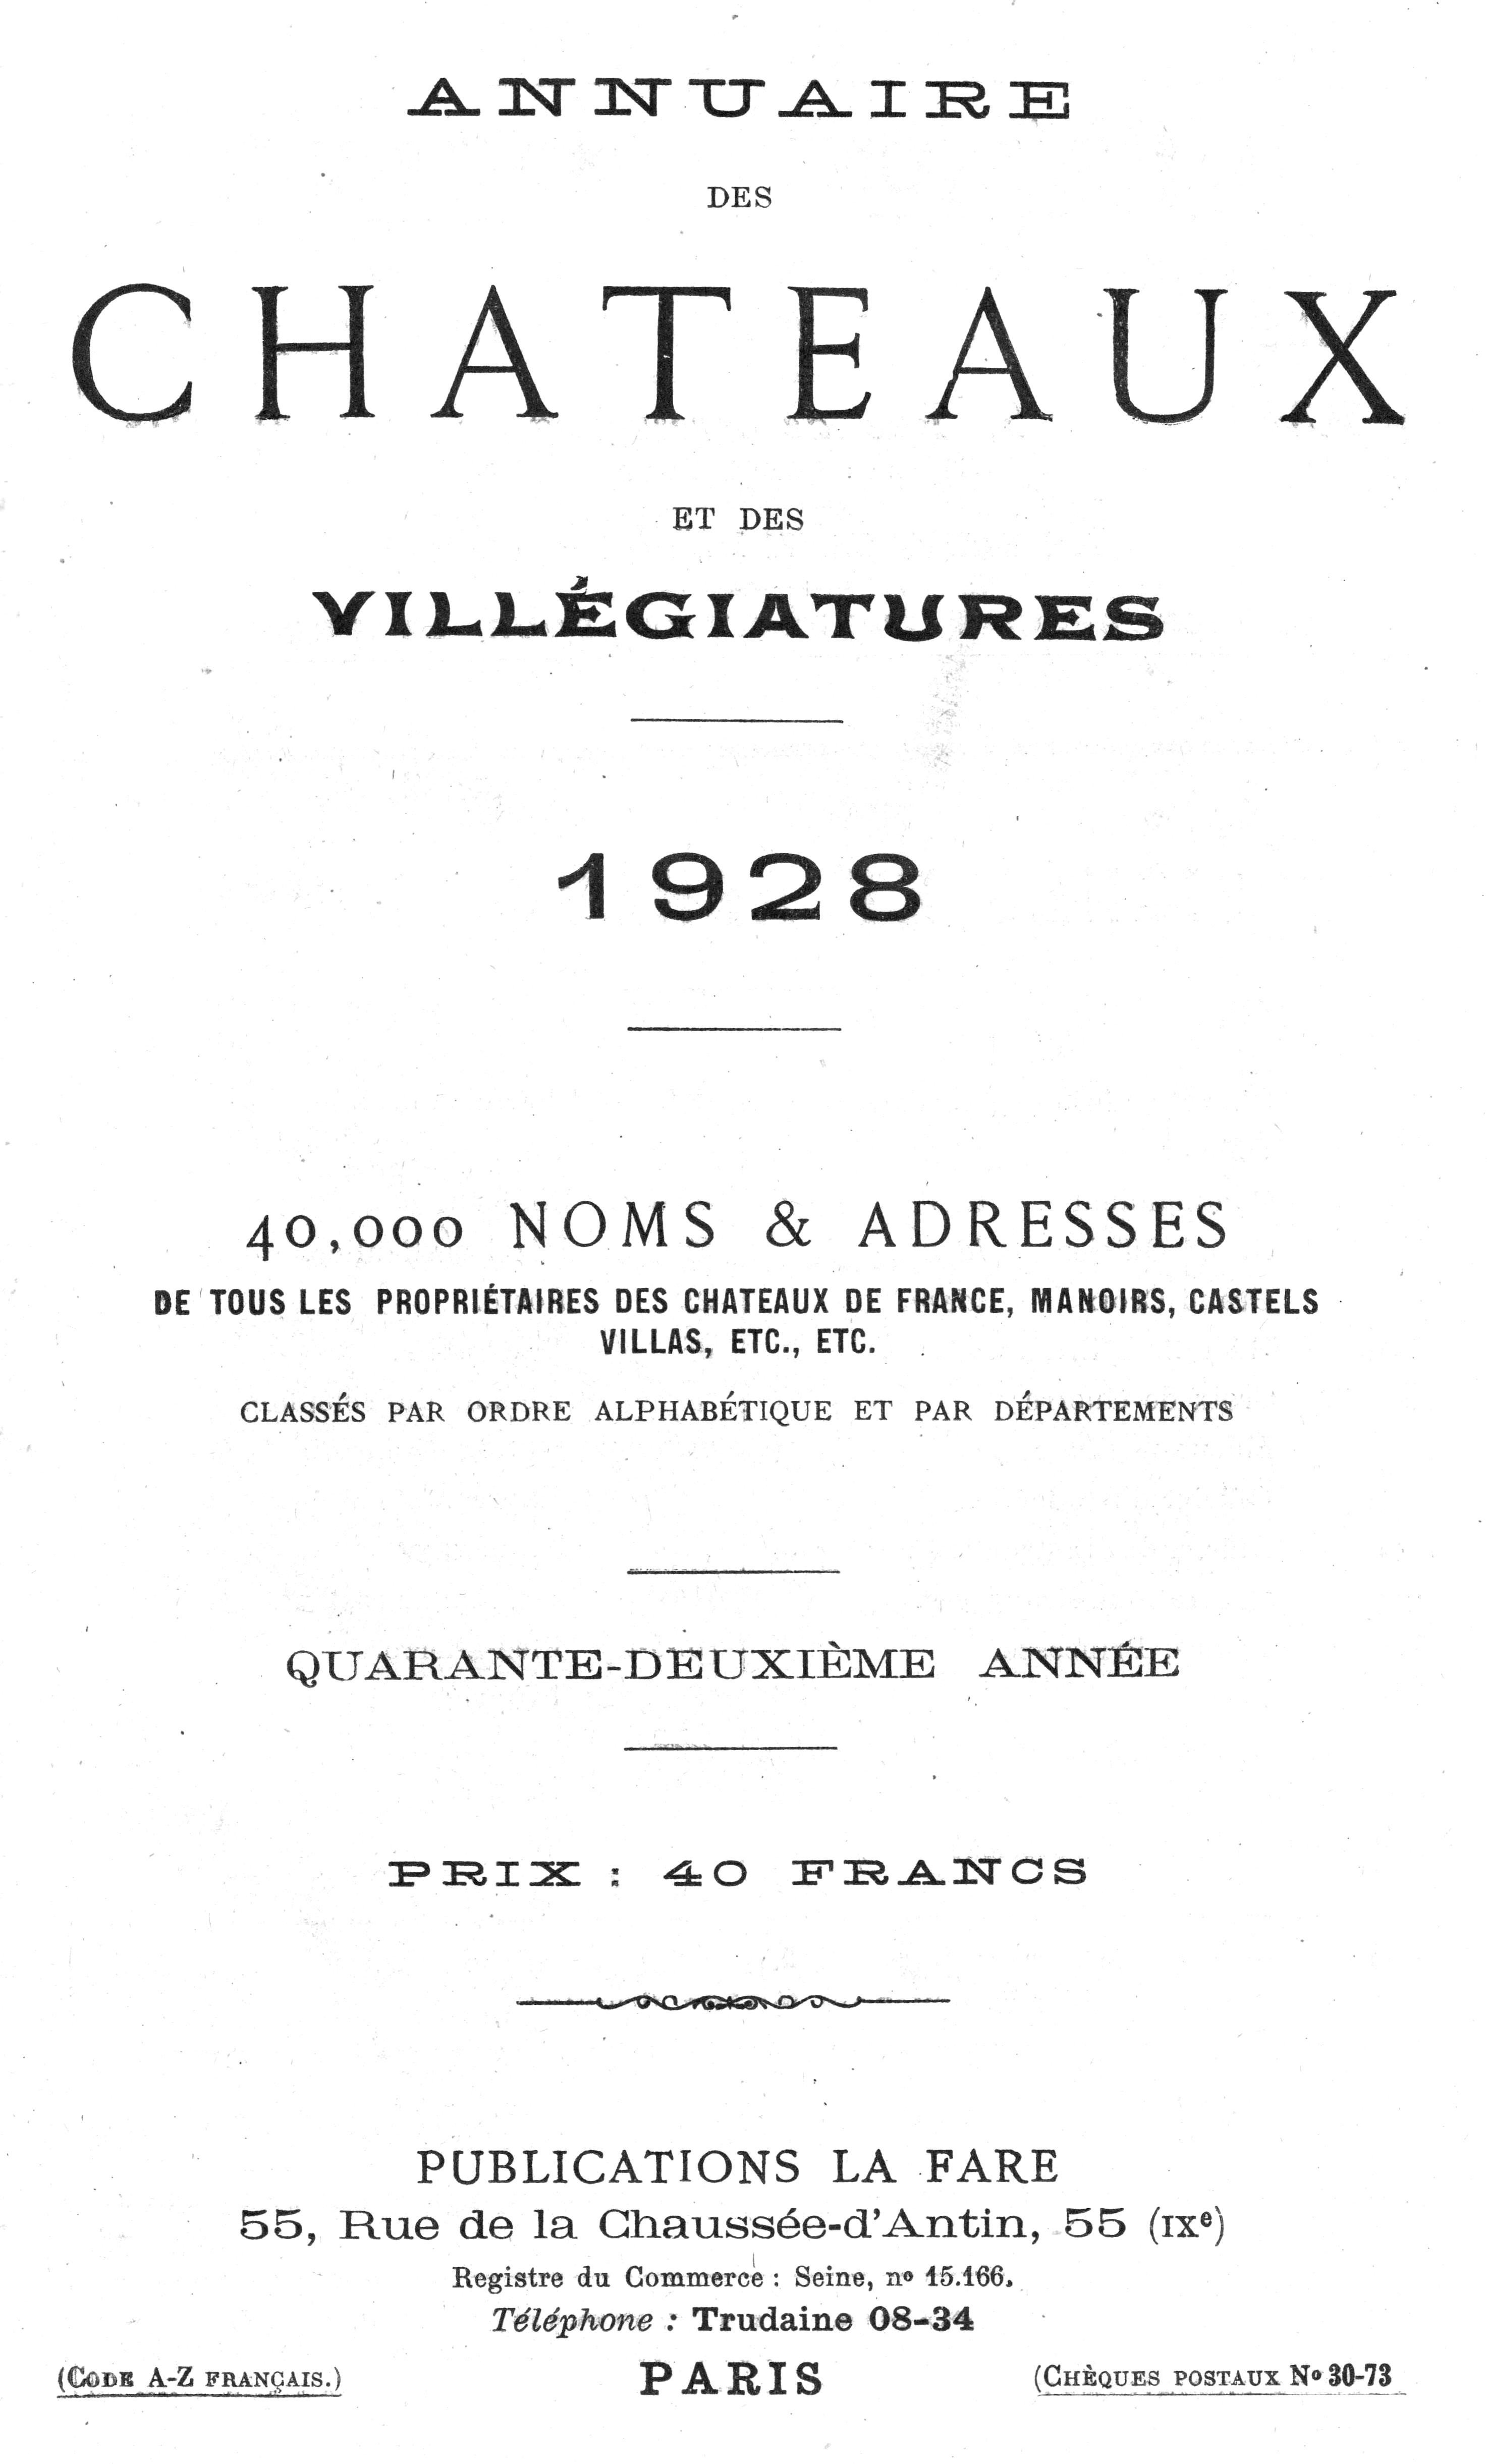 1928 - Annuaire des châteaux